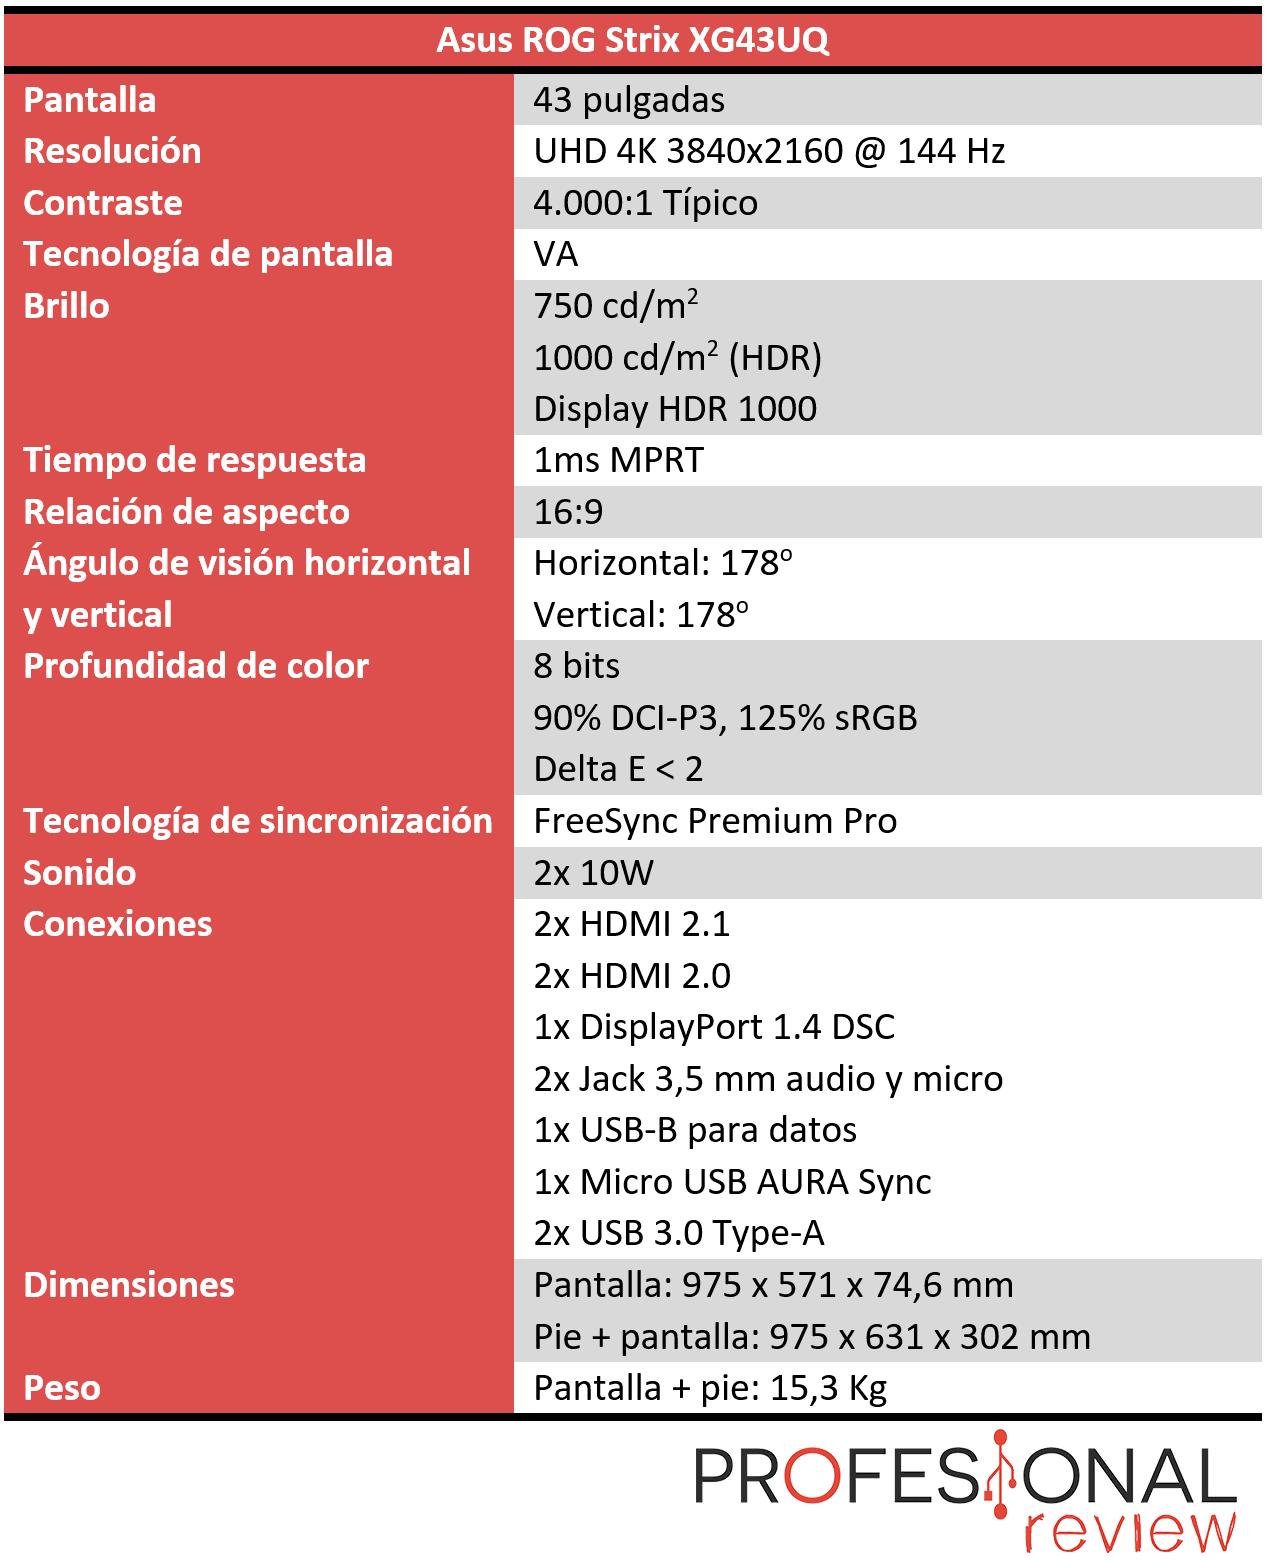 Asus ROG Strix XG43UQ Características